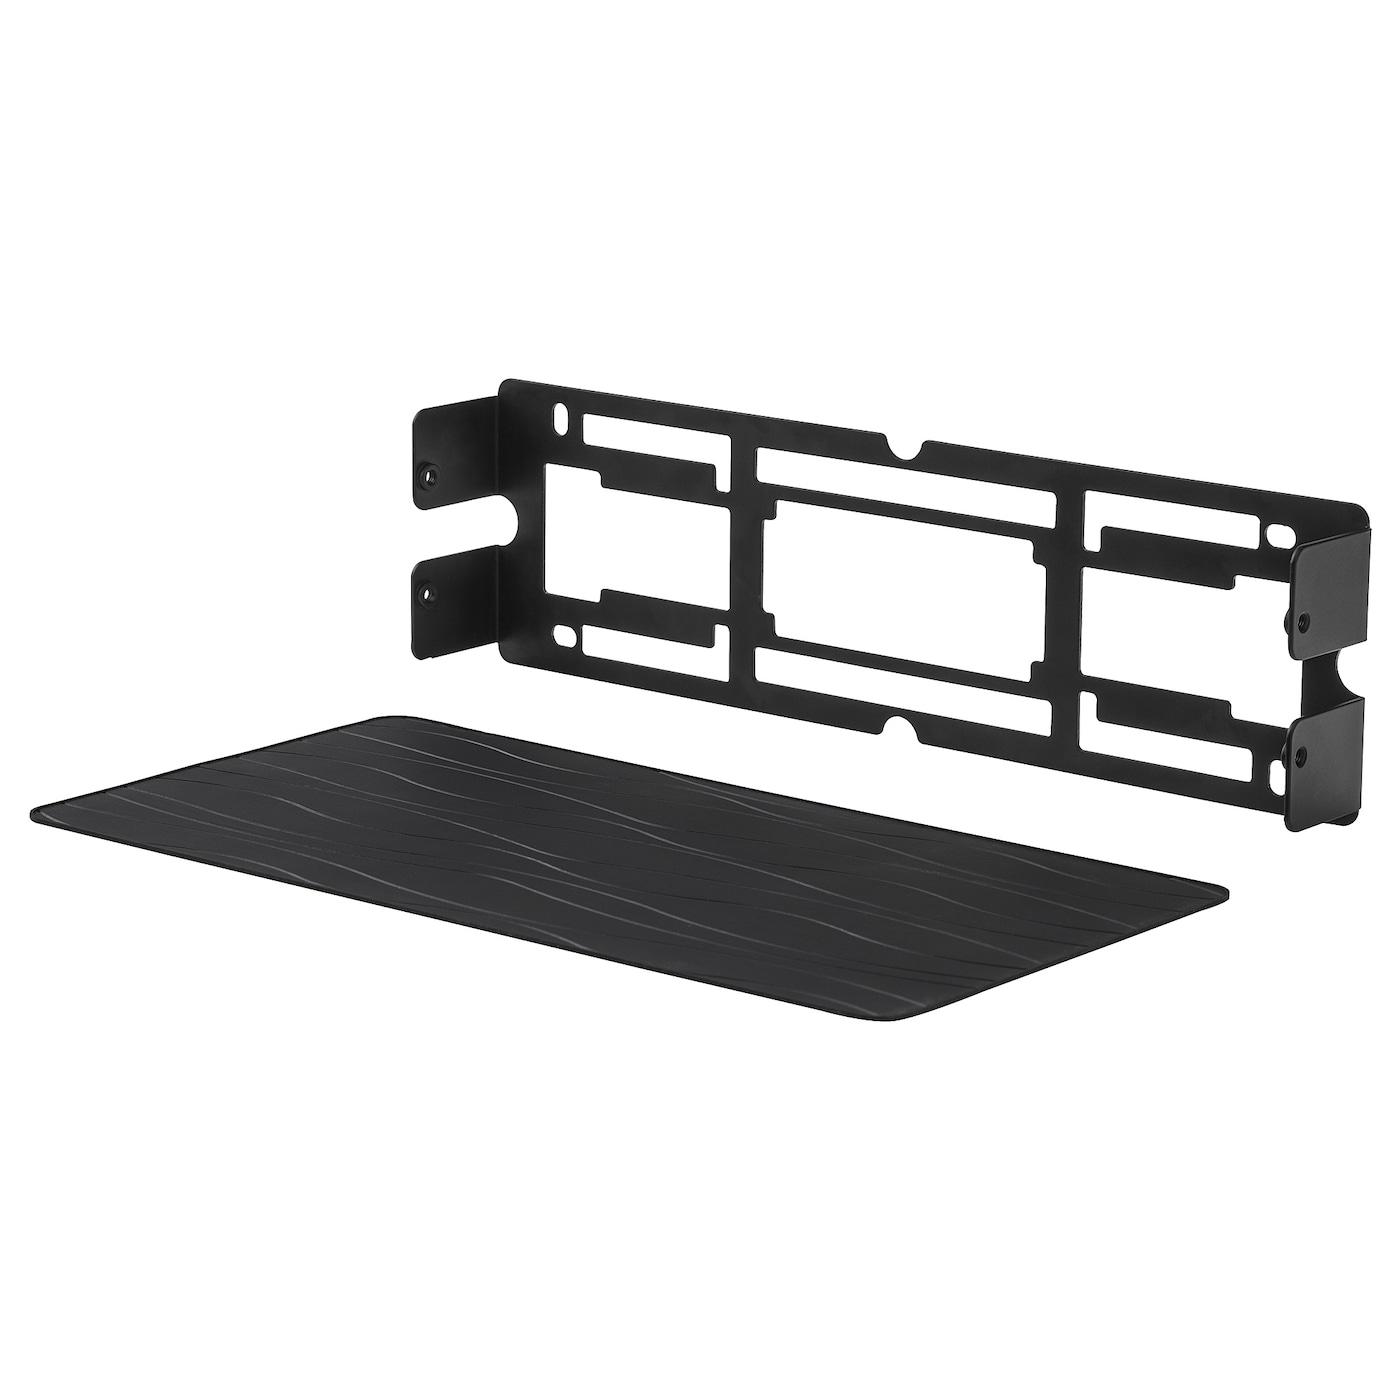 IKEA SYMFONISK Wspornik ścienny głośnika, czarny